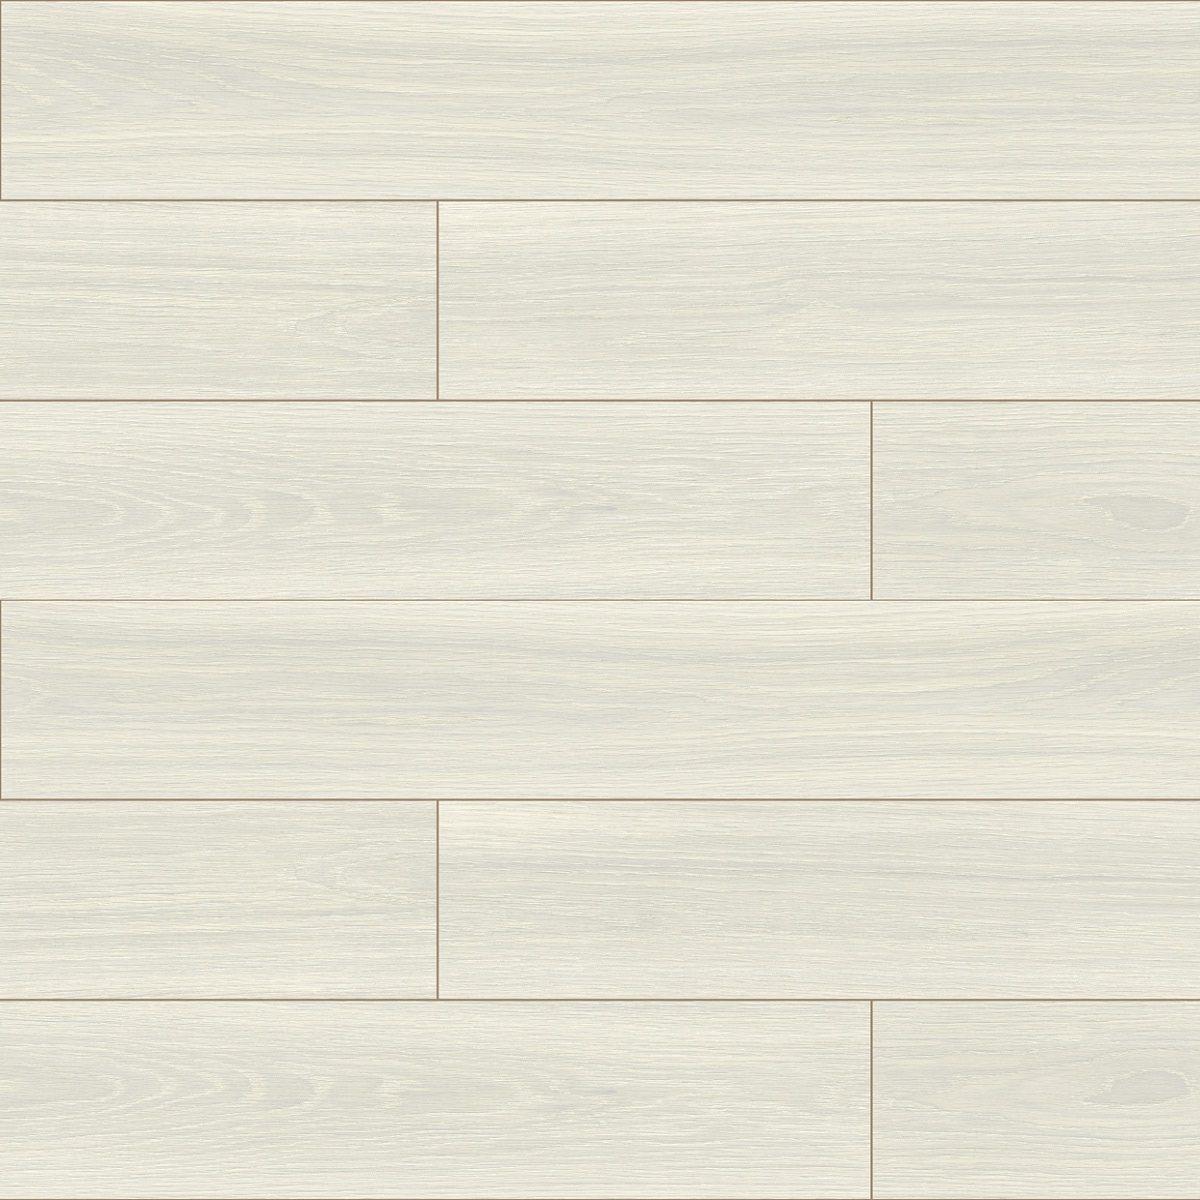 782 VarioClick Extensive-AC4_CL32-V4